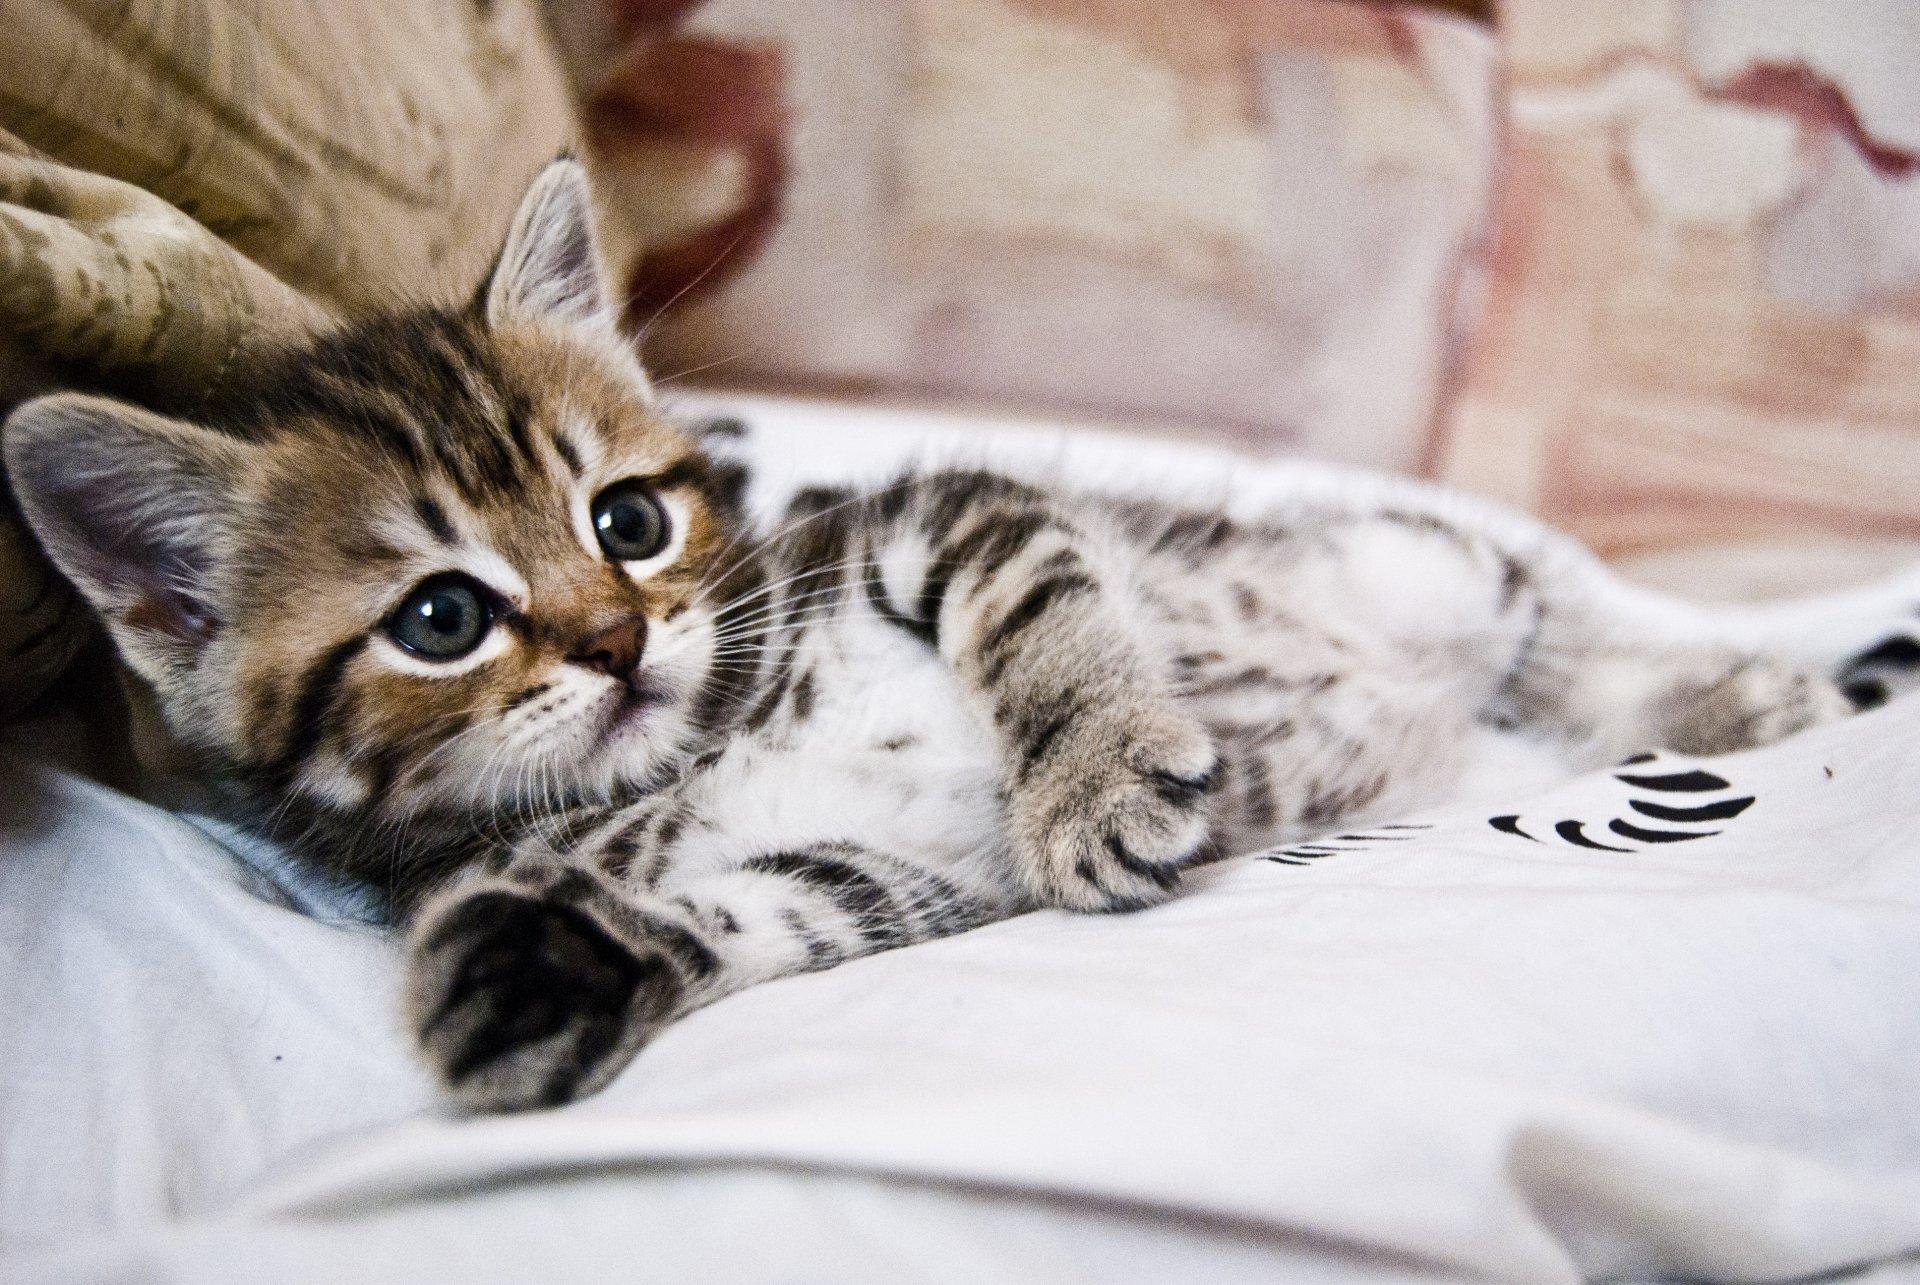 кот животное котенок постель загрузить